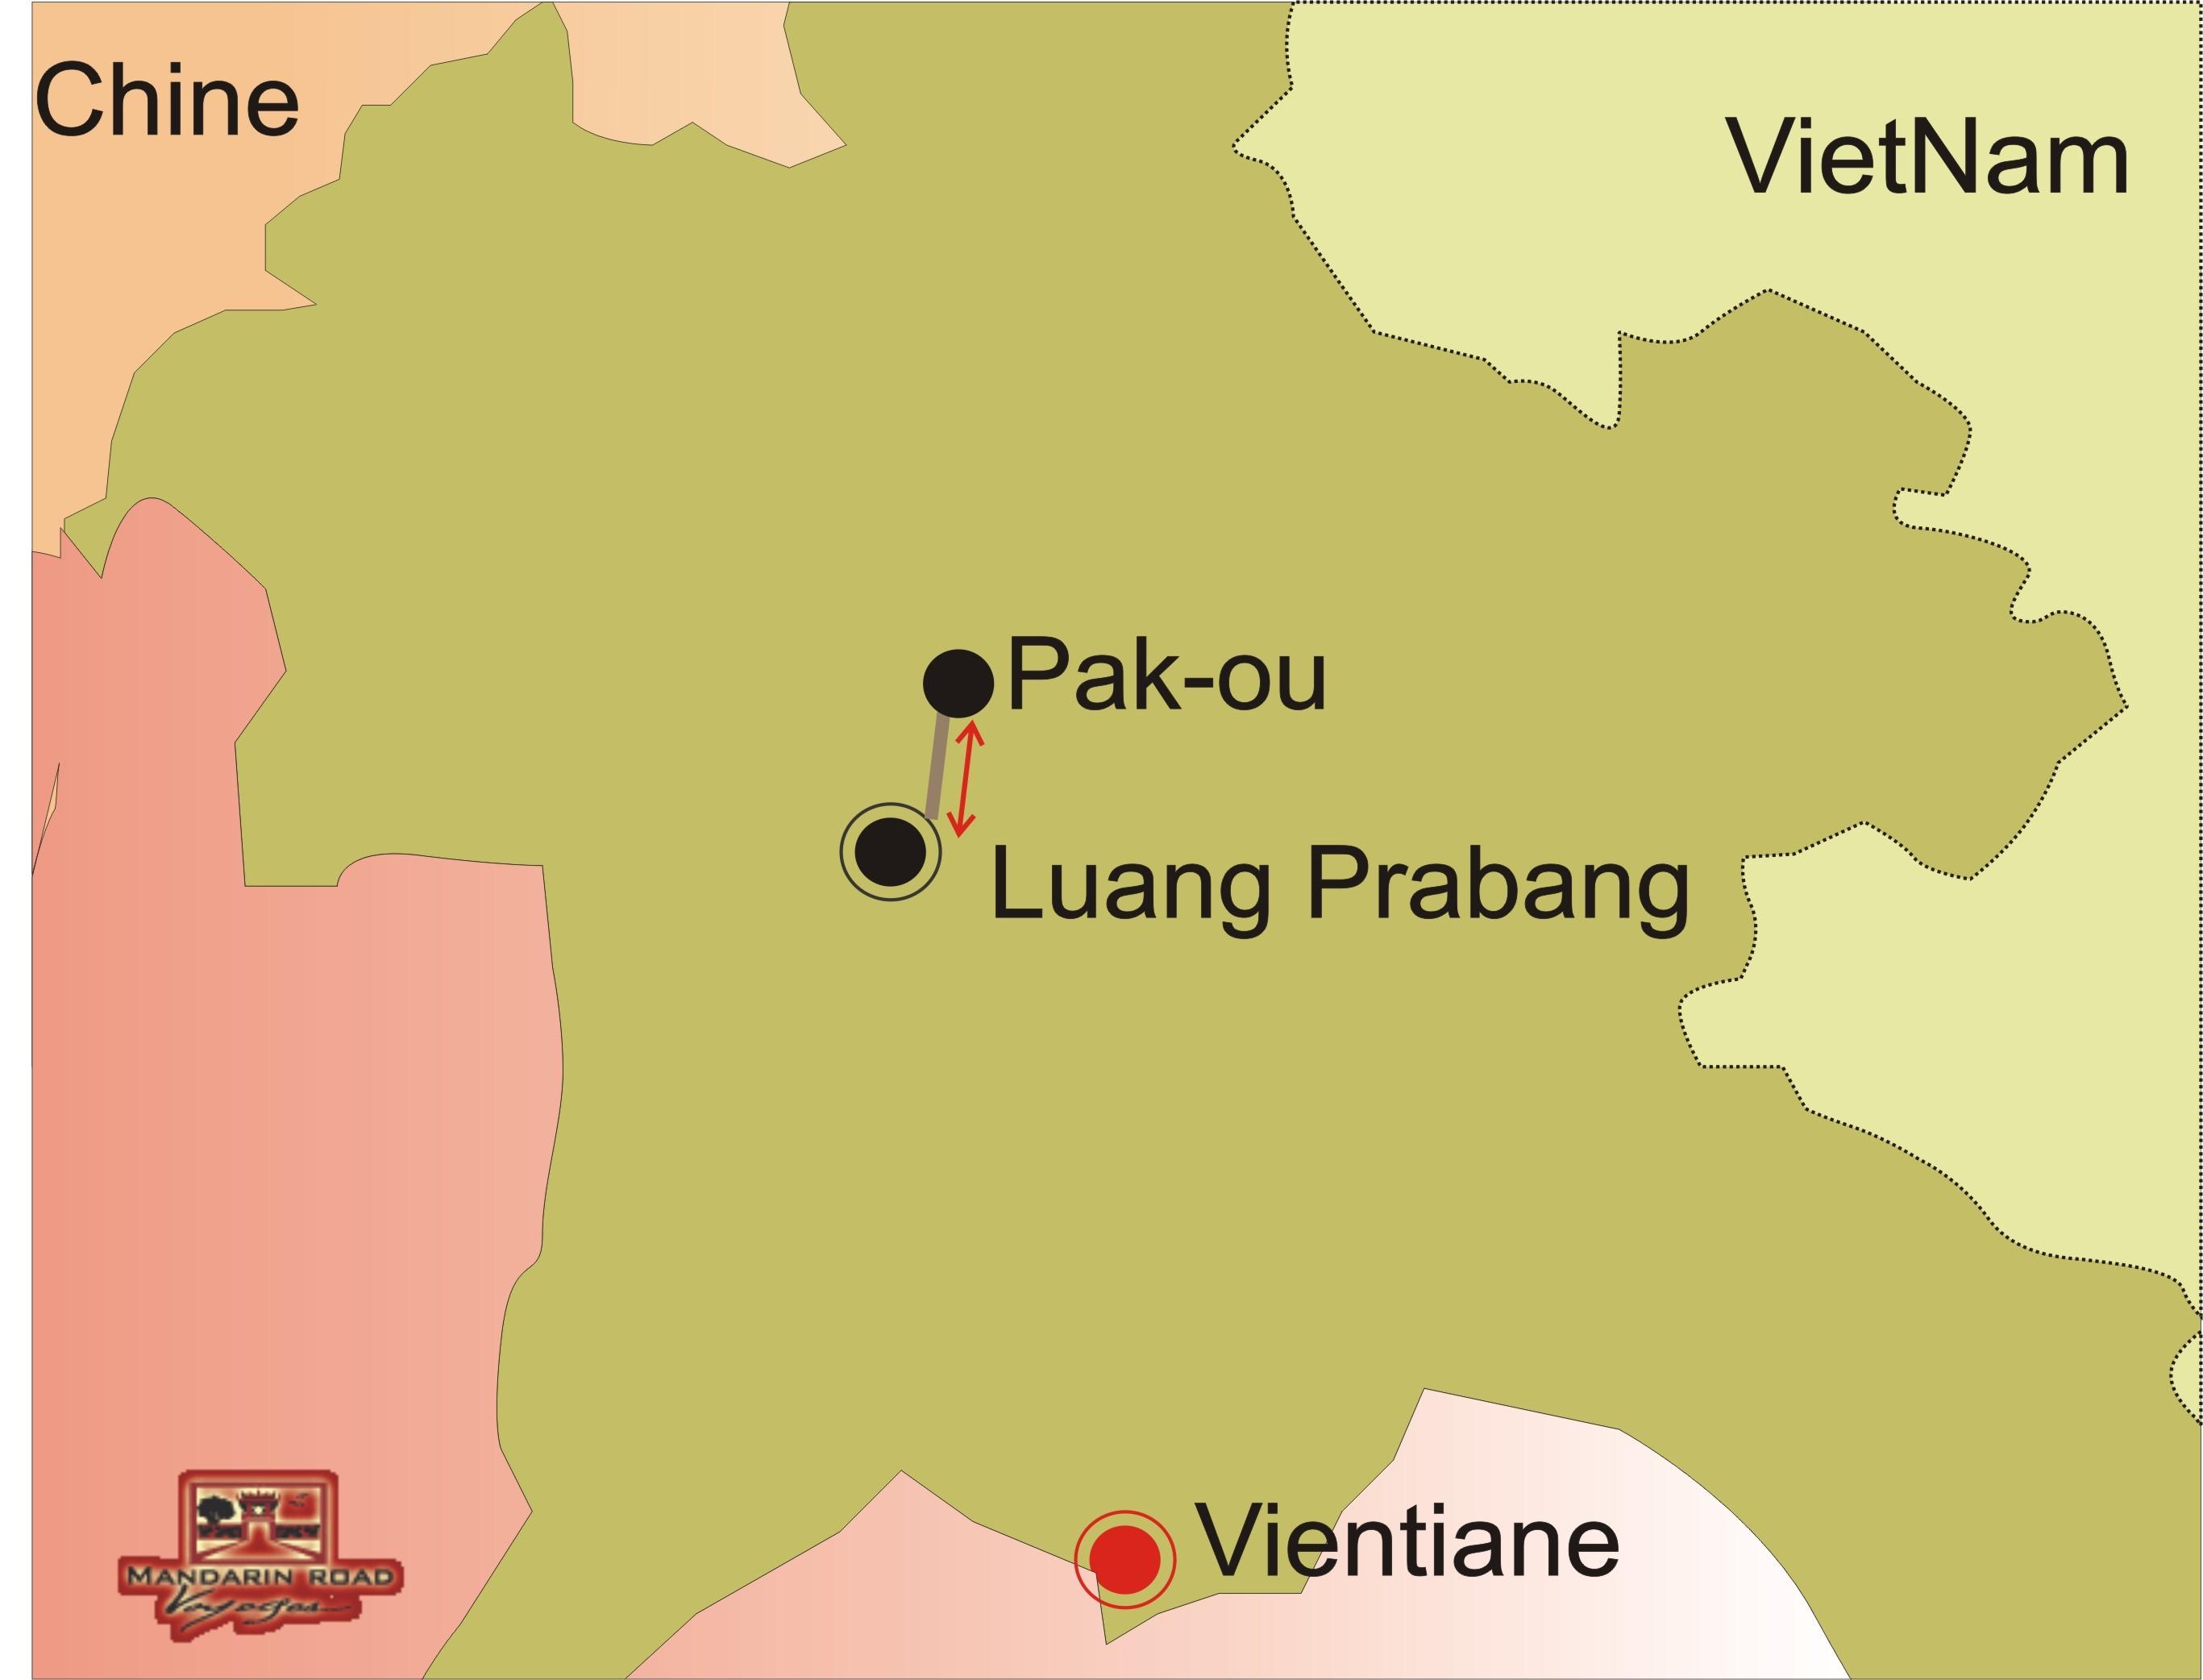 Luang Prabang - Long